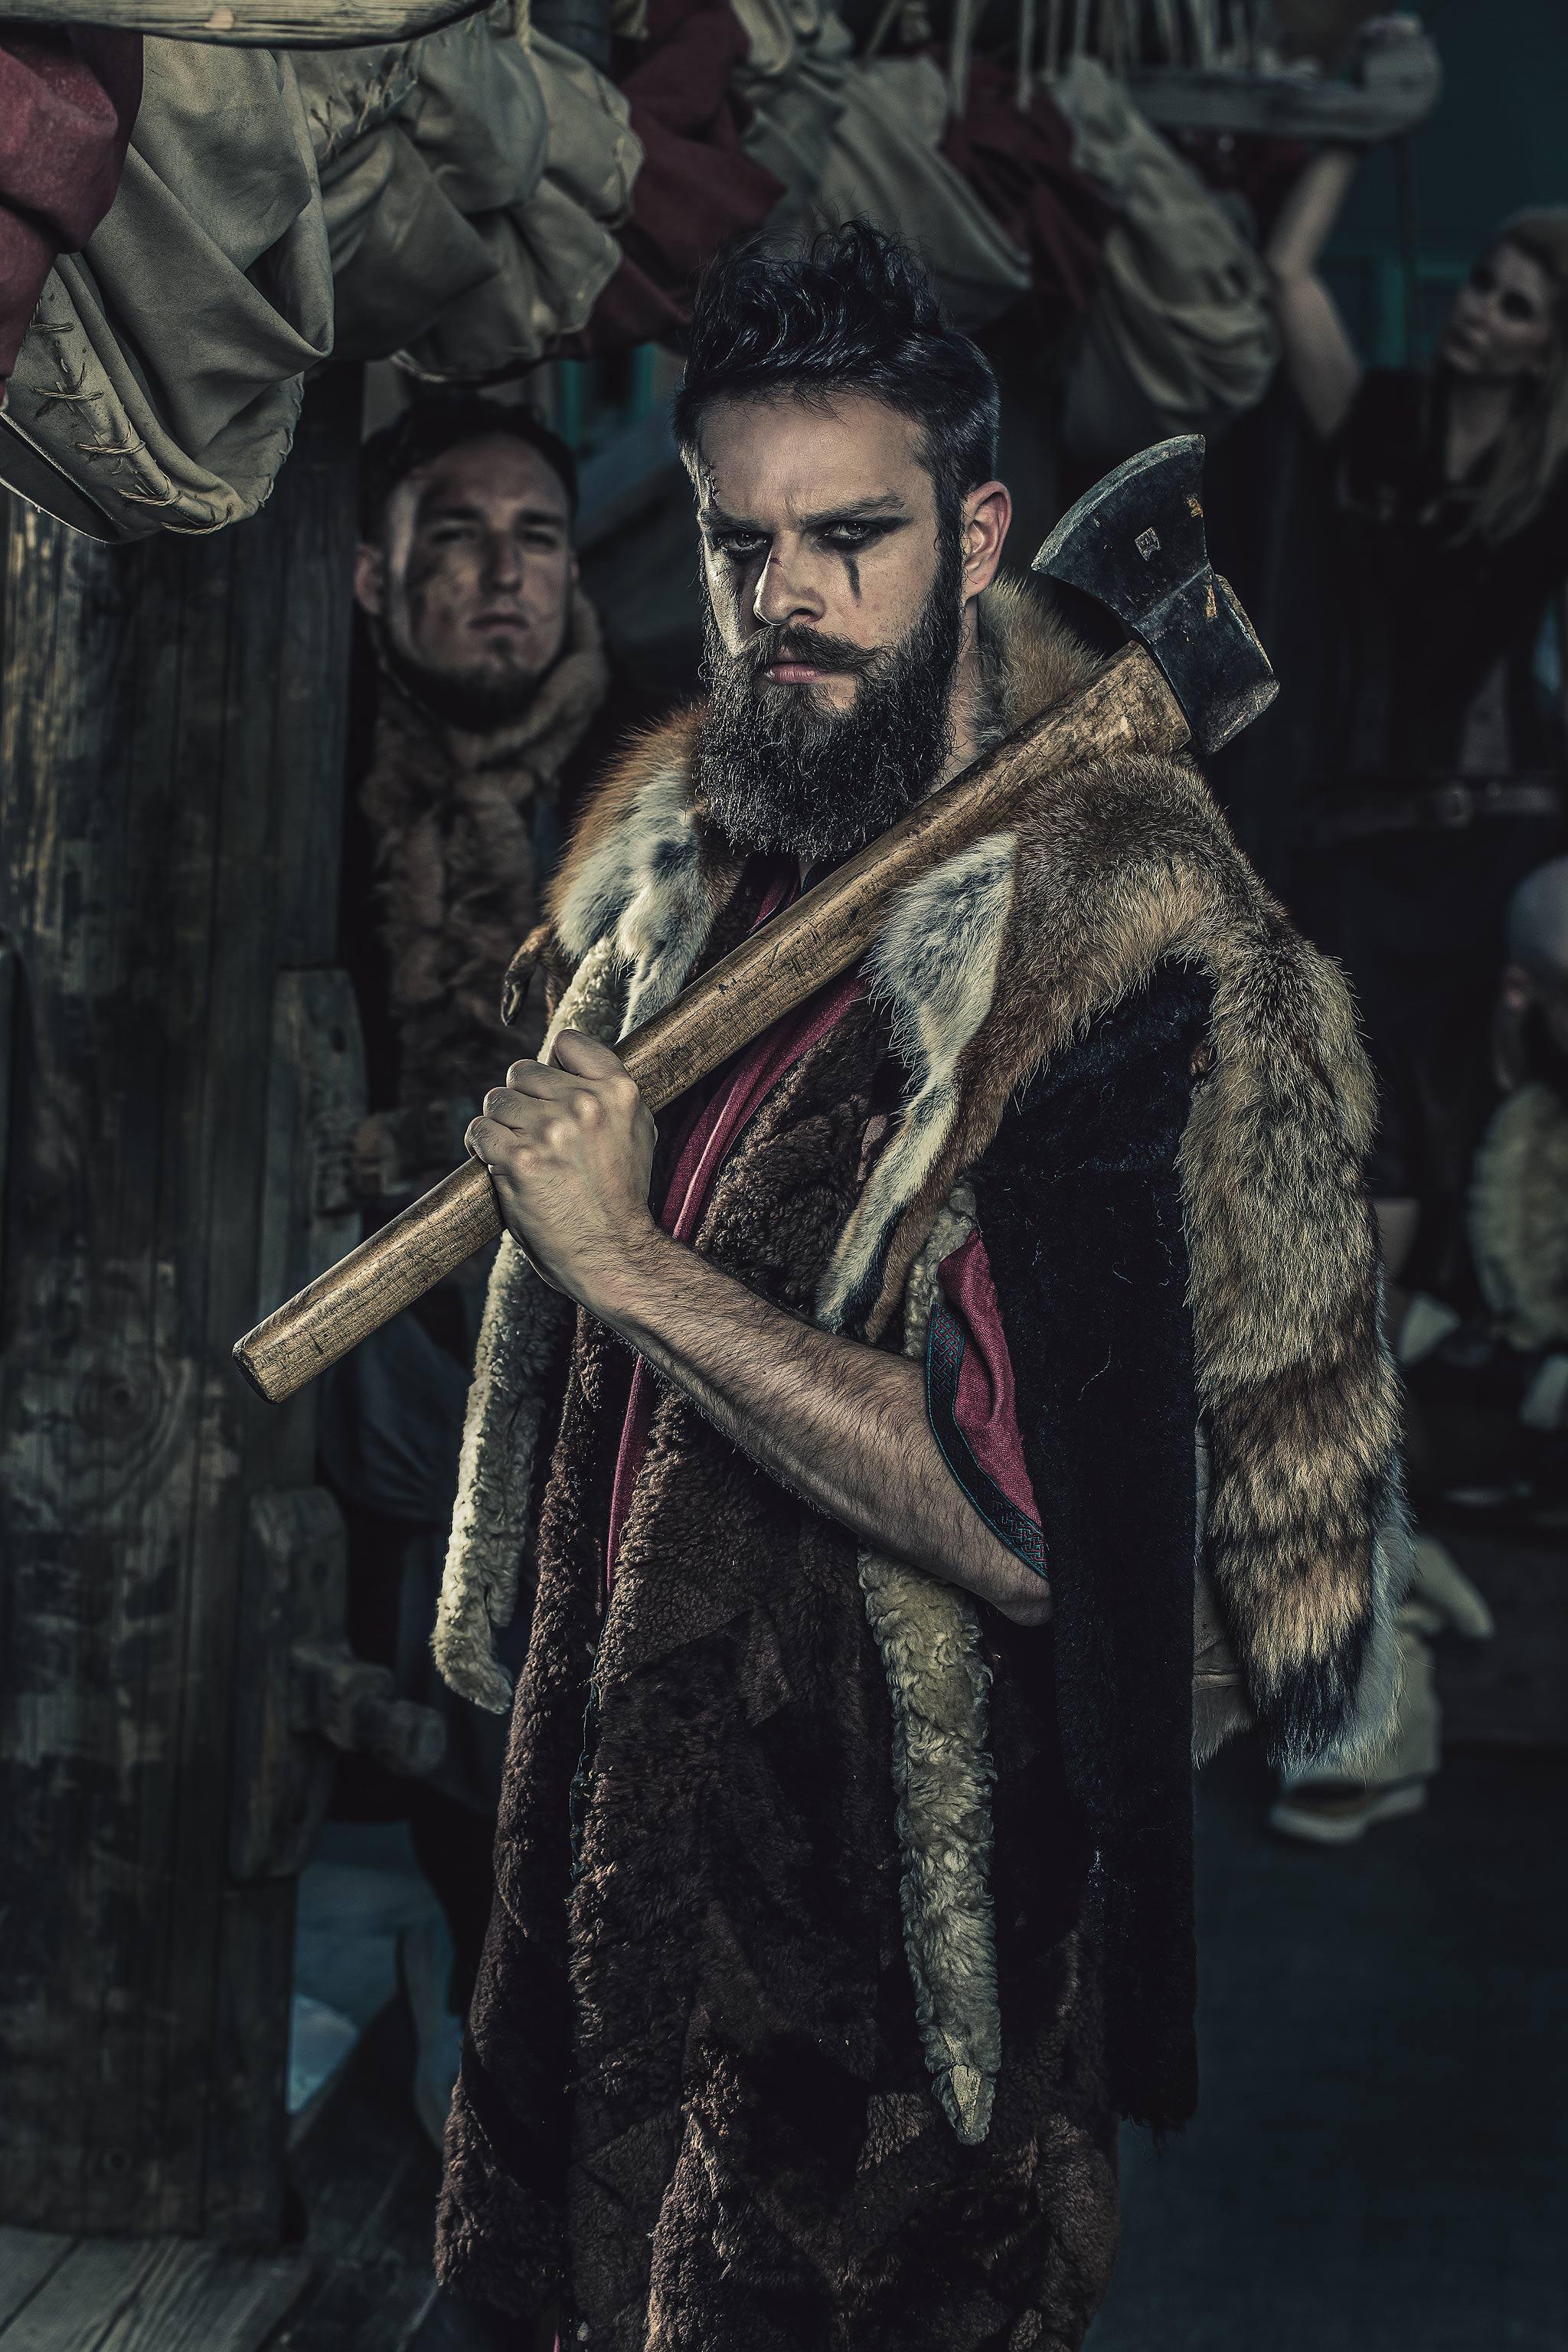 Basti als Wikinger bei der Kooperation von blackbeards und dem Lokschuppen Rosenheim.